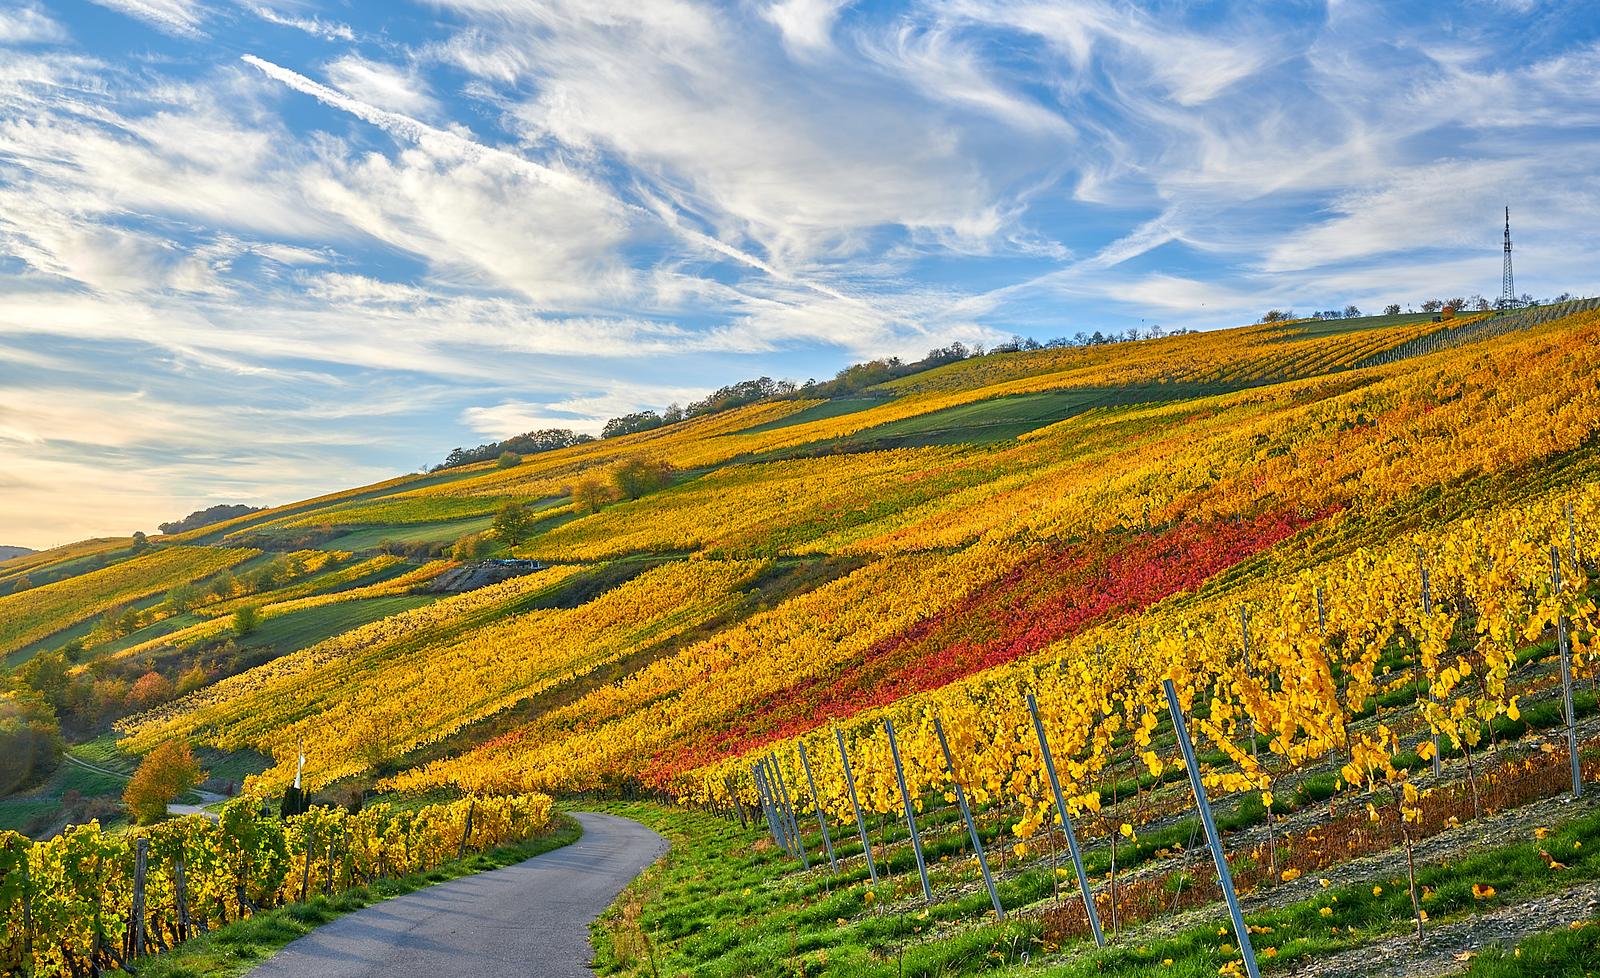 Oberes Mittelrheintal beim Weinbergschlösschen Foto: © Achim Meurer www.achimmeurer.com